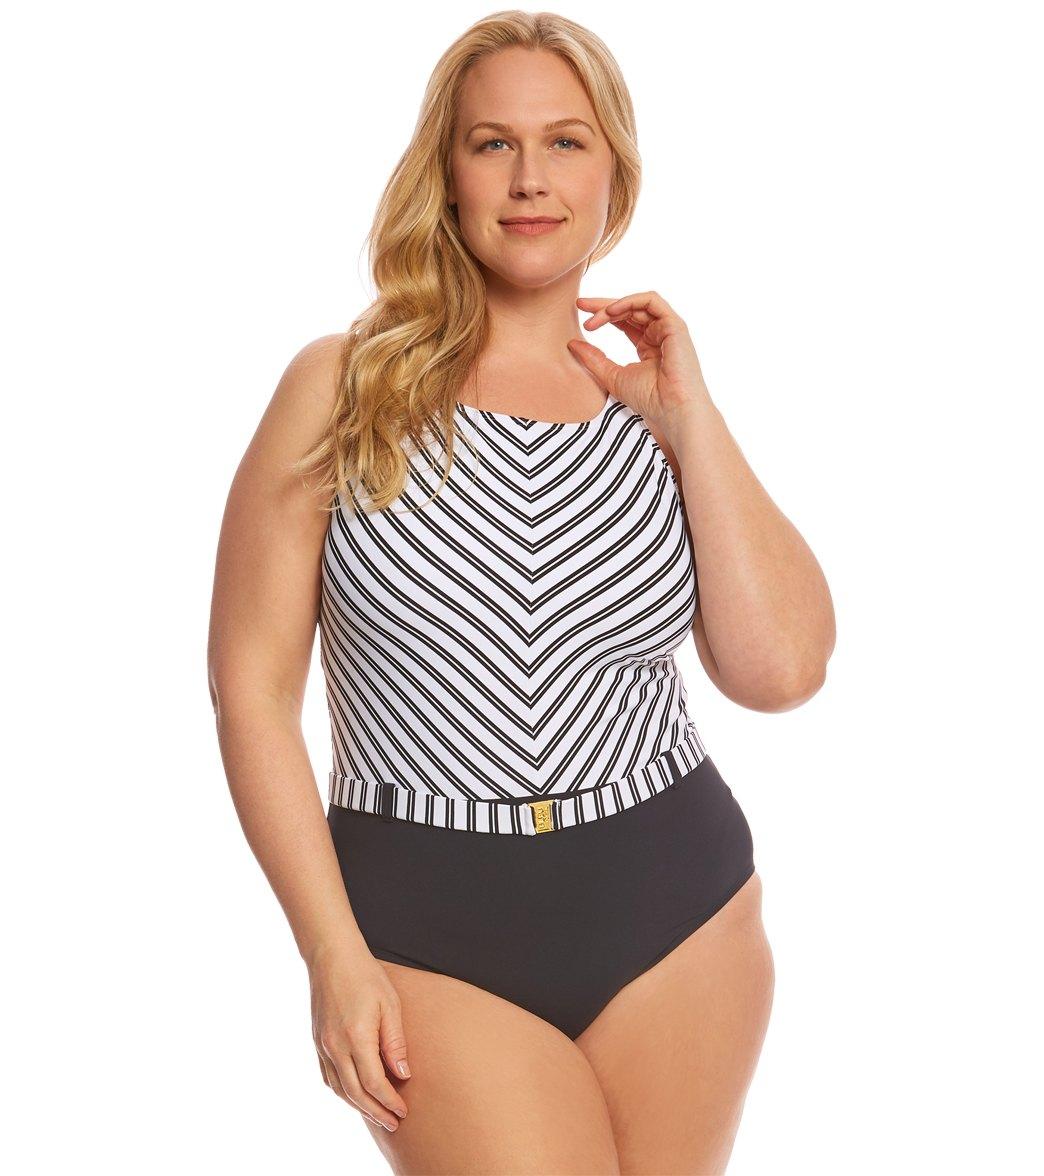 Low Waist Plus Size One Piece Swimsuit